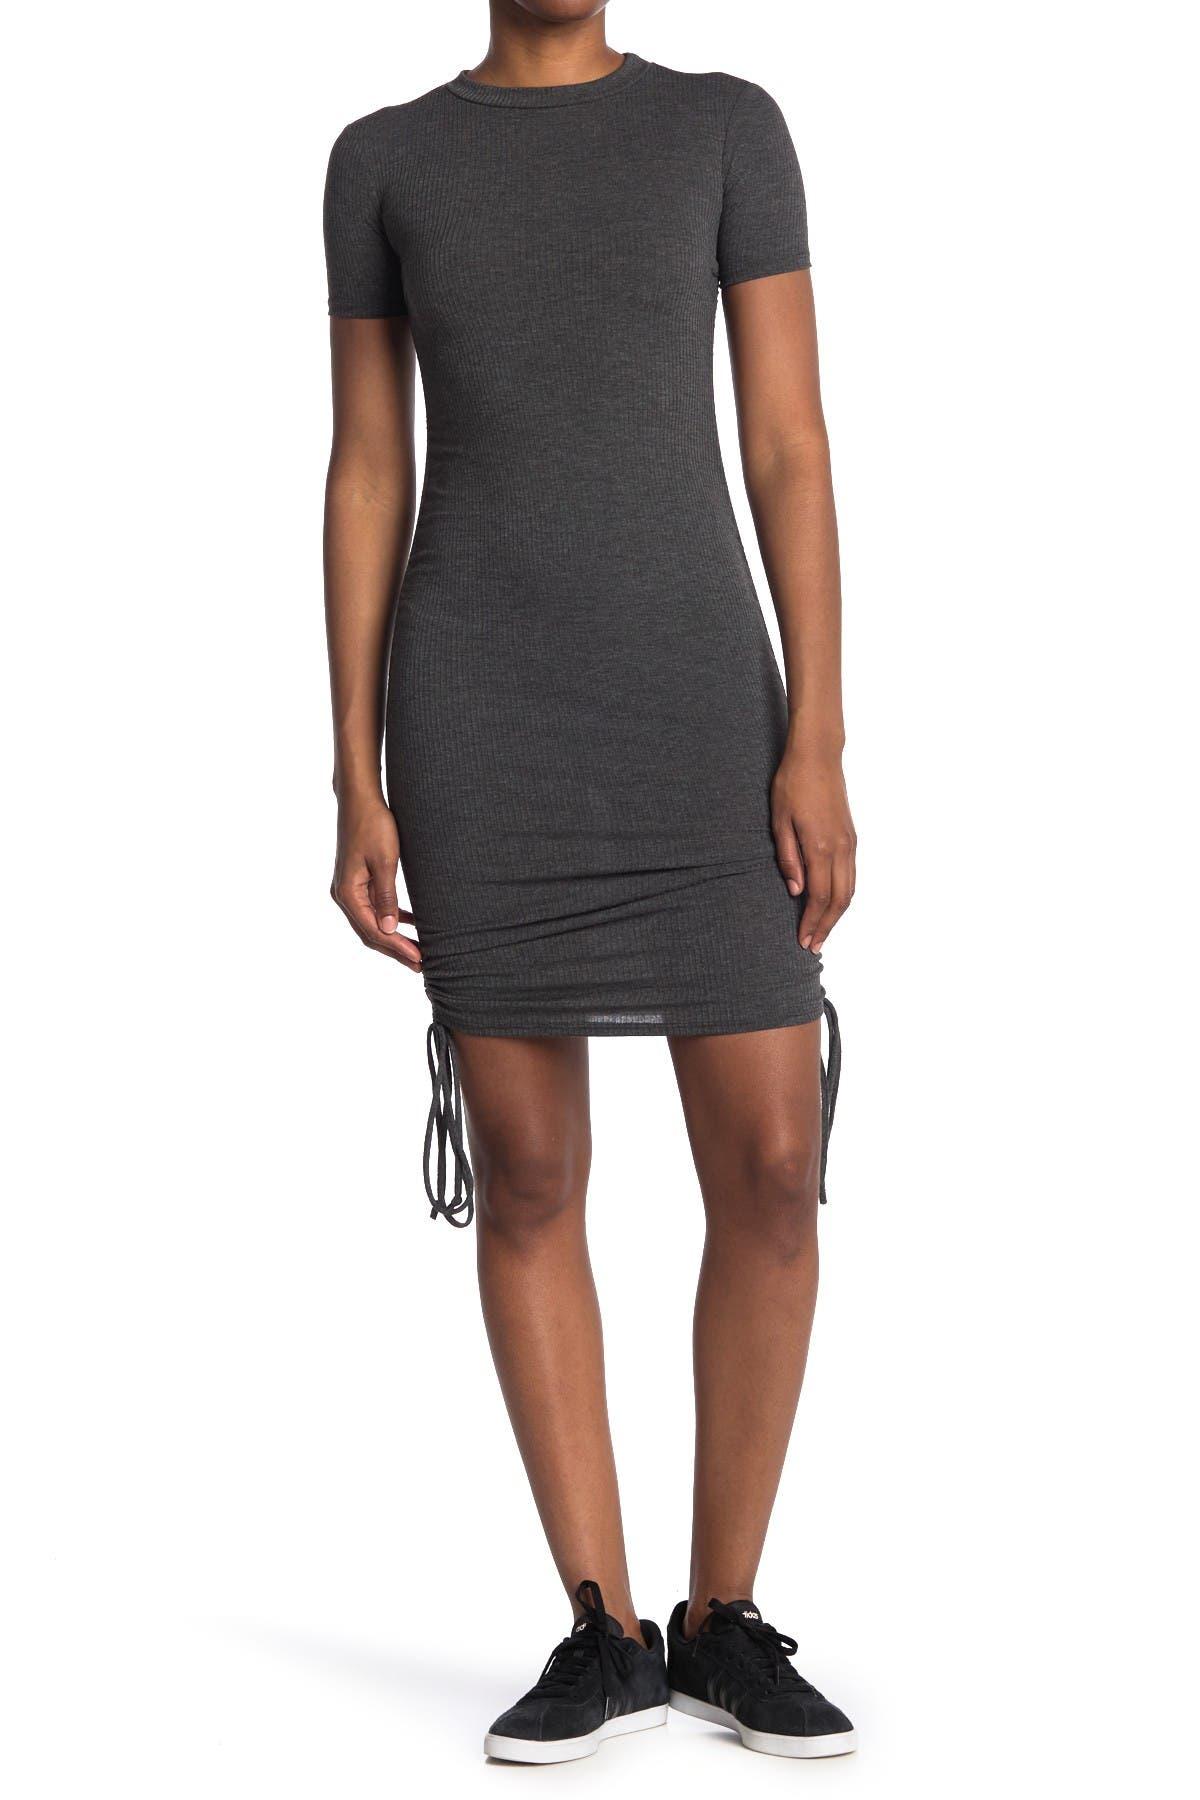 Image of Velvet Torch Ribbed Side Tie Mini Dress